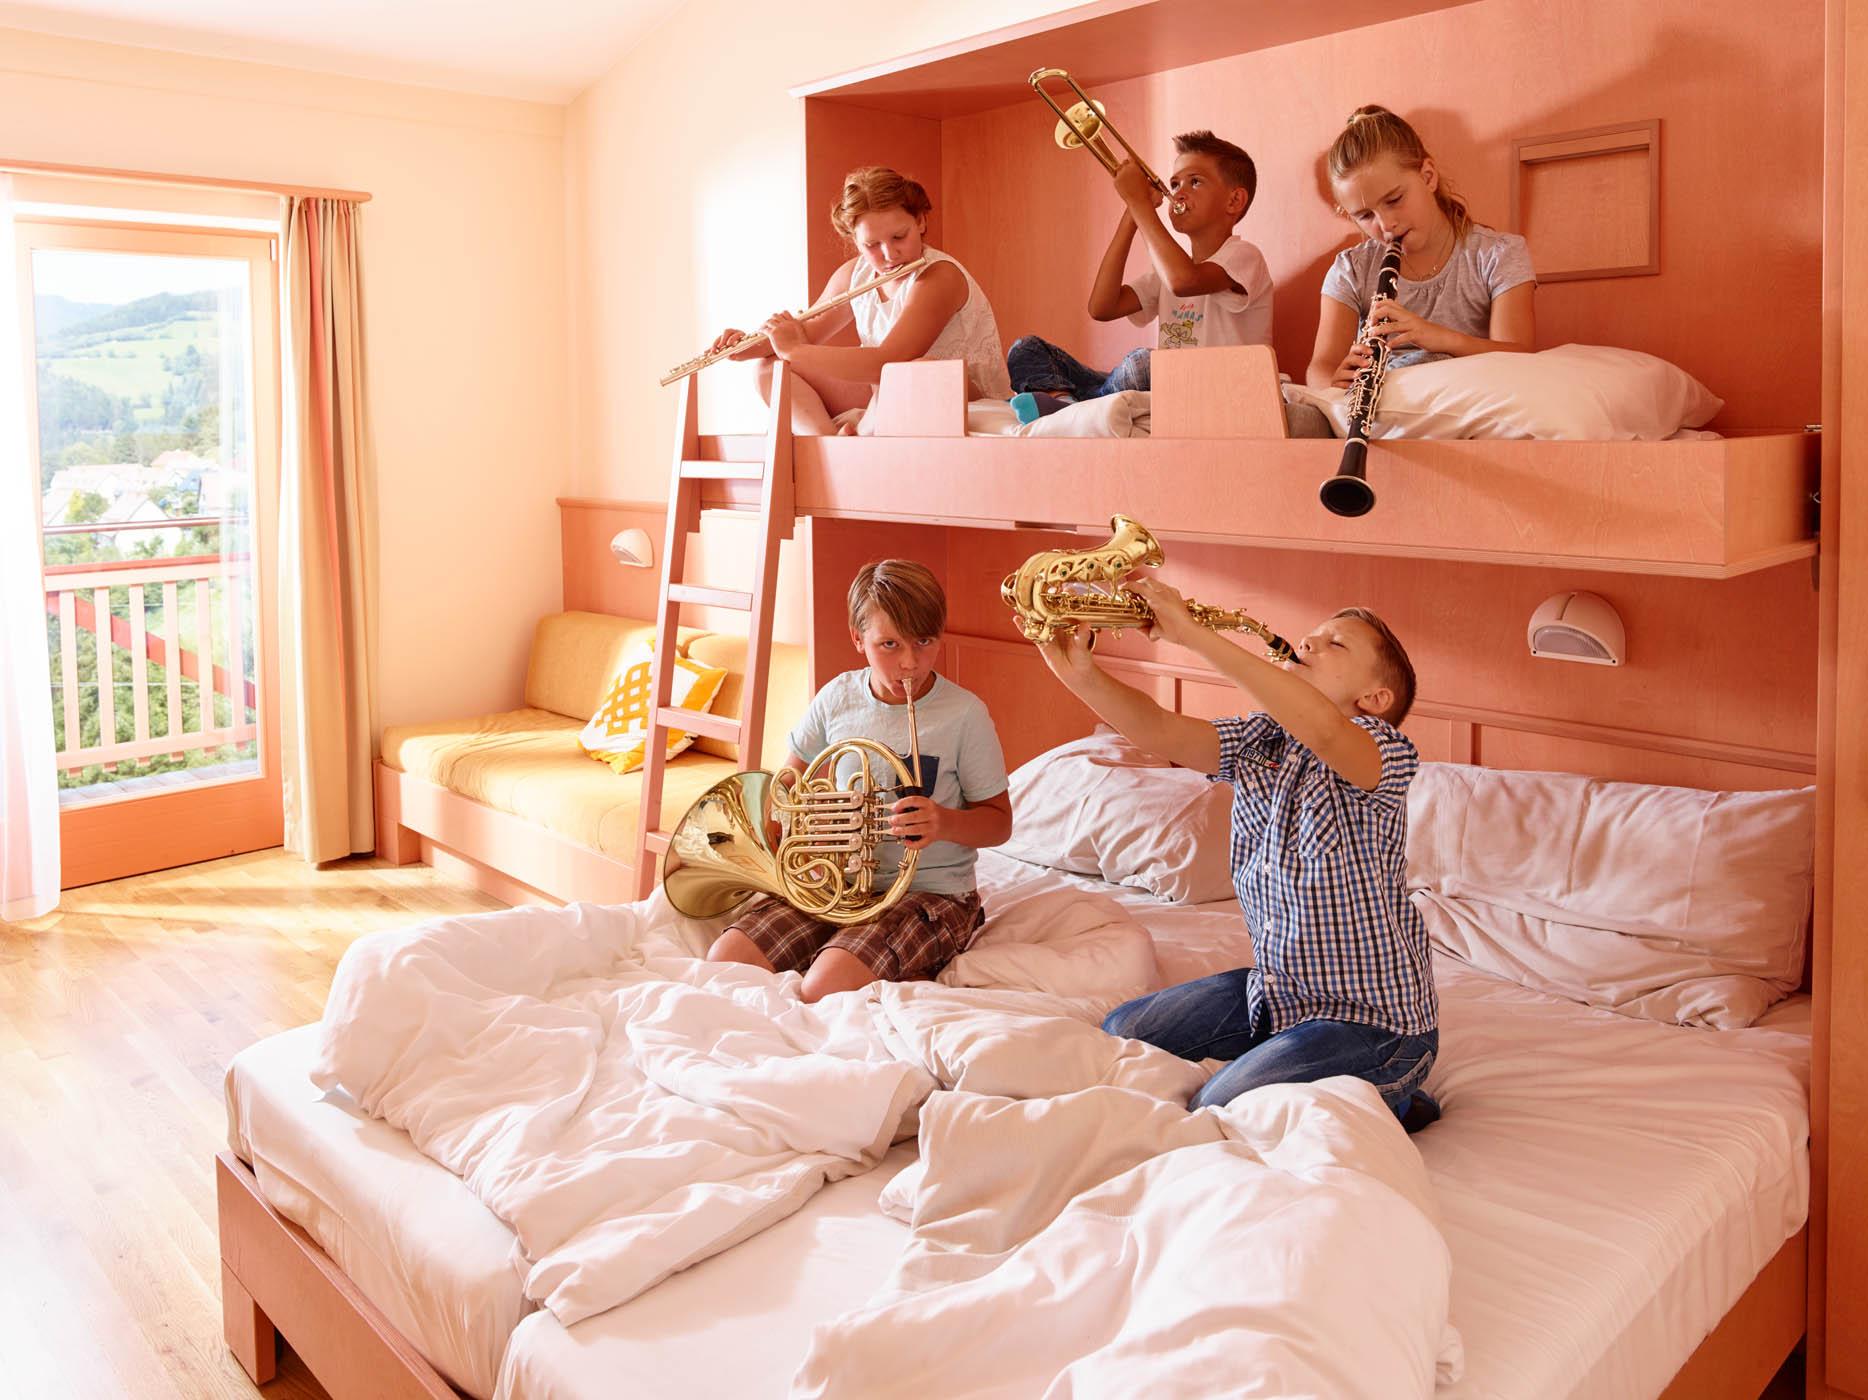 Sie sehen Kinder mit Blasmusikinstrumenten im Zimmer im JUFA Hotel Knappenberg. Der ideale Platz zum Musizieren und Singen in der Gemeinschaft in abwechslungsreichen Regionen.